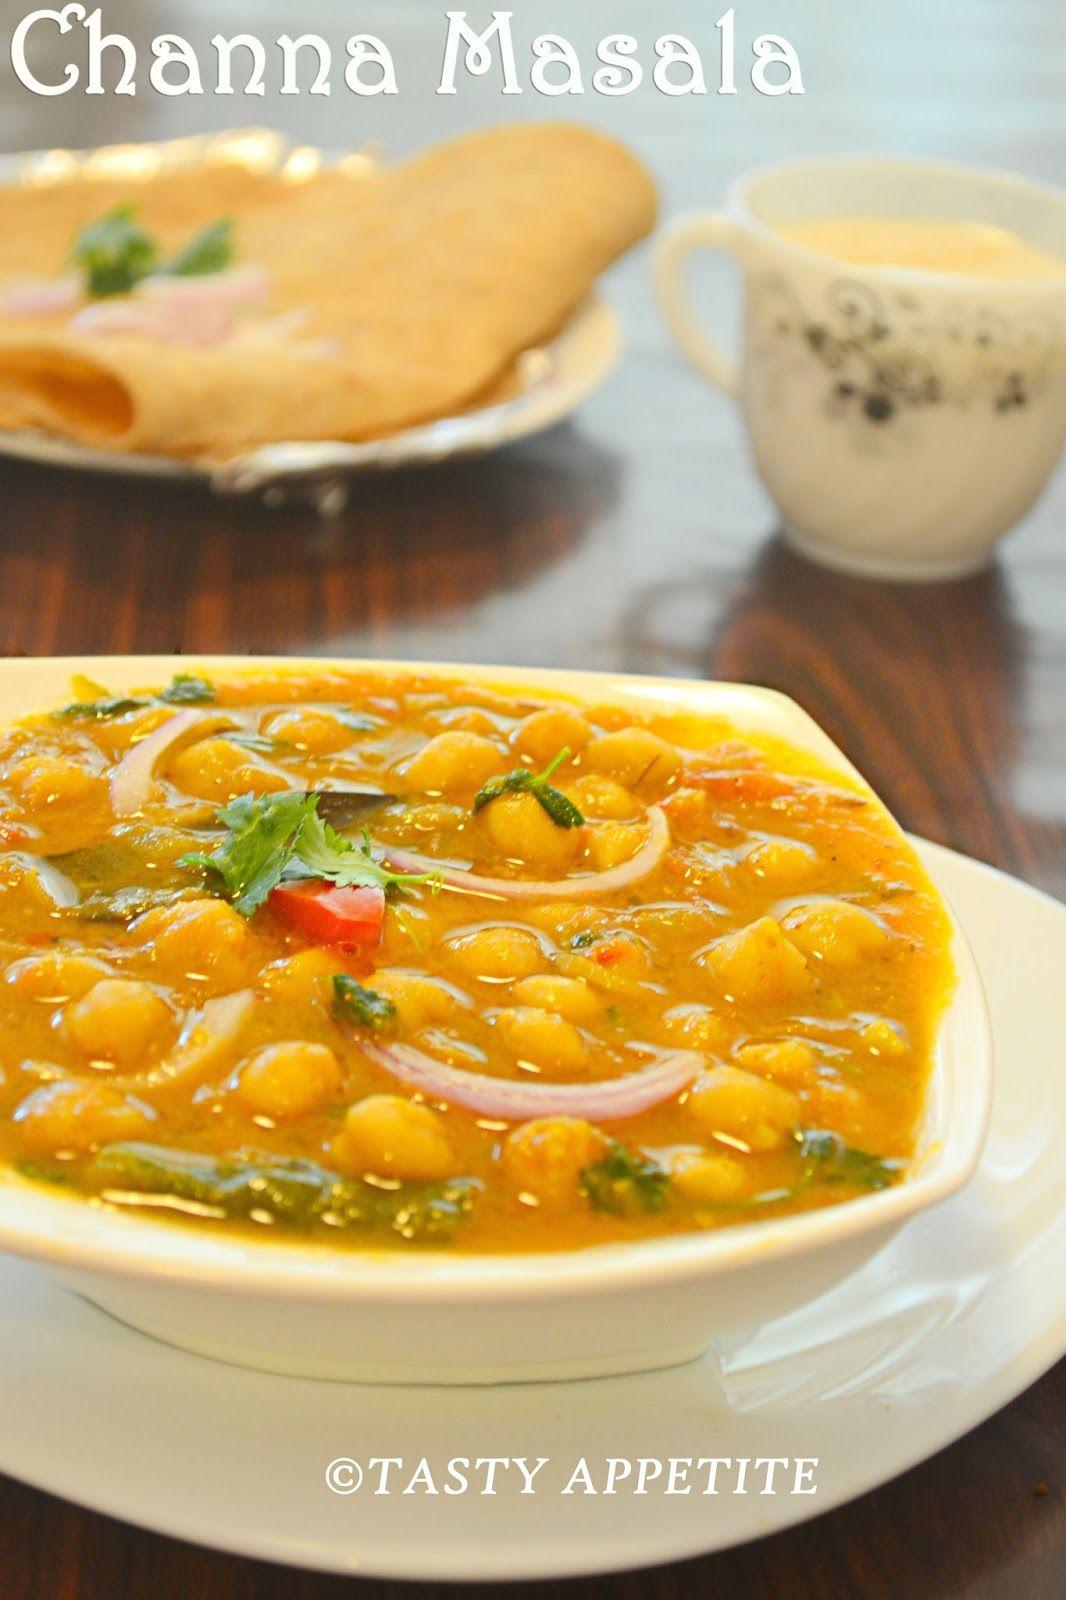 PUNJABI CHOLE MASALA RECIPE / CHANA MASALA RECIPE / PUNJABI CHOLE / CHICK PEA GRAVY | Tasty Appetite